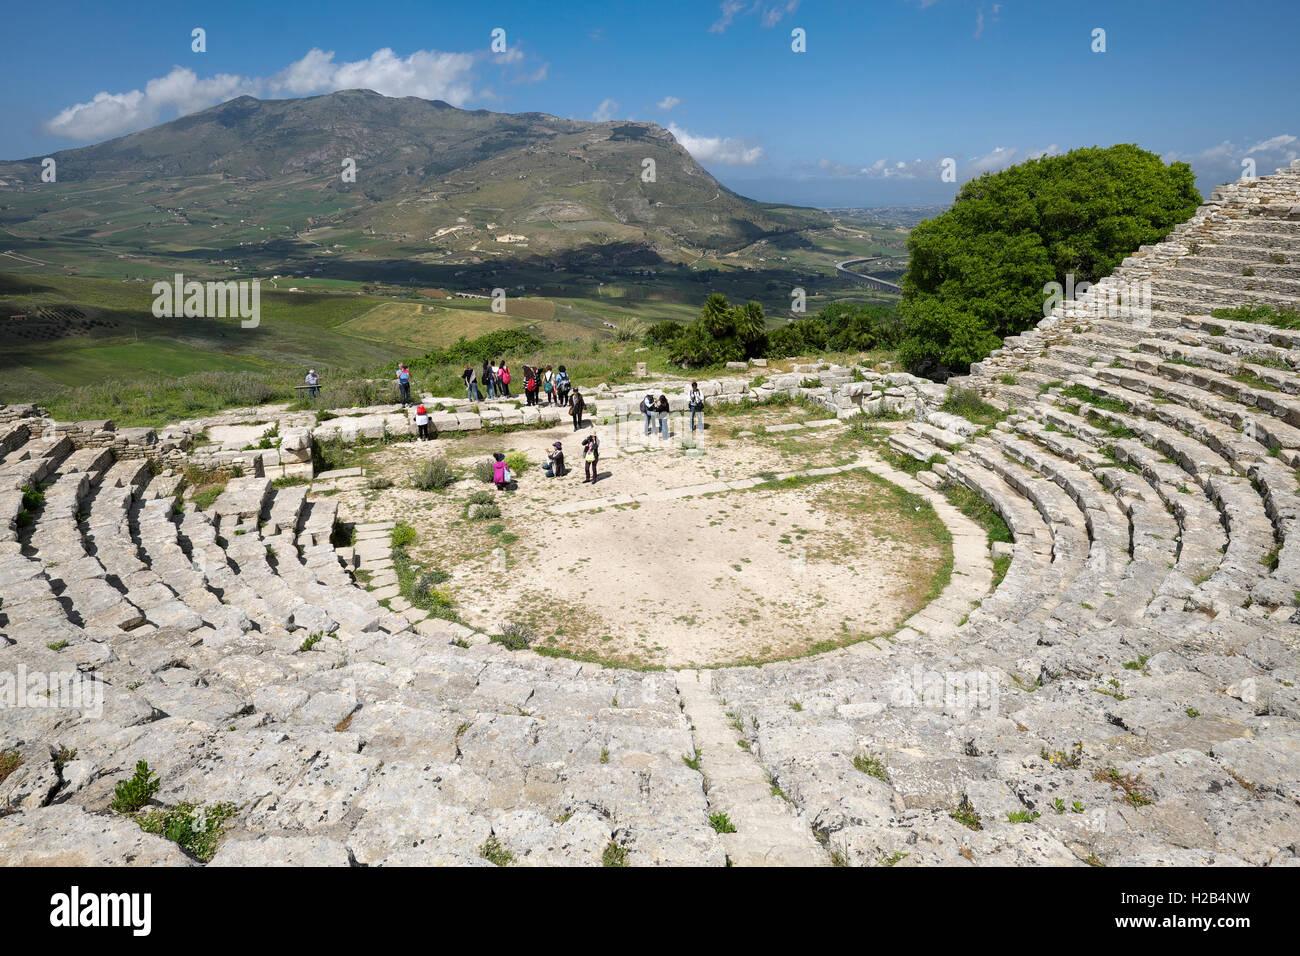 Amphithéâtre romain, théâtre antique de Segesta, province de Trapani, Sicile, Italie Photo Stock